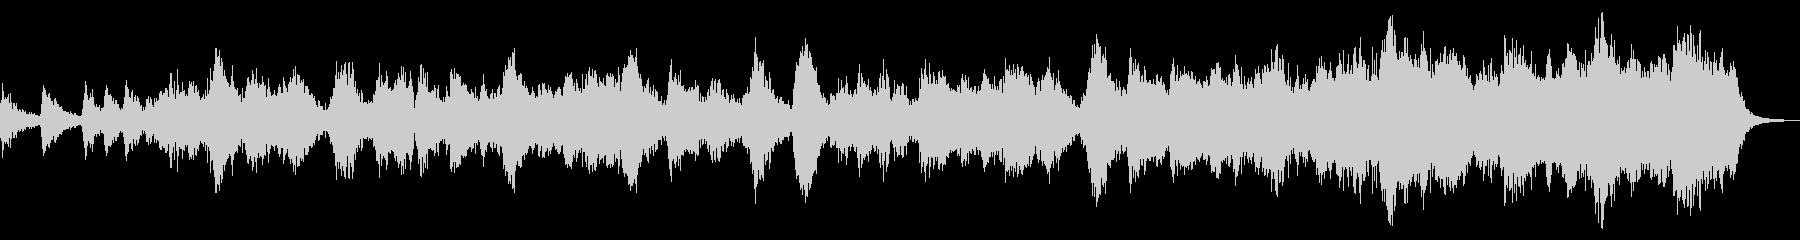 壮大なエレクトロアンビエントなBGMの未再生の波形